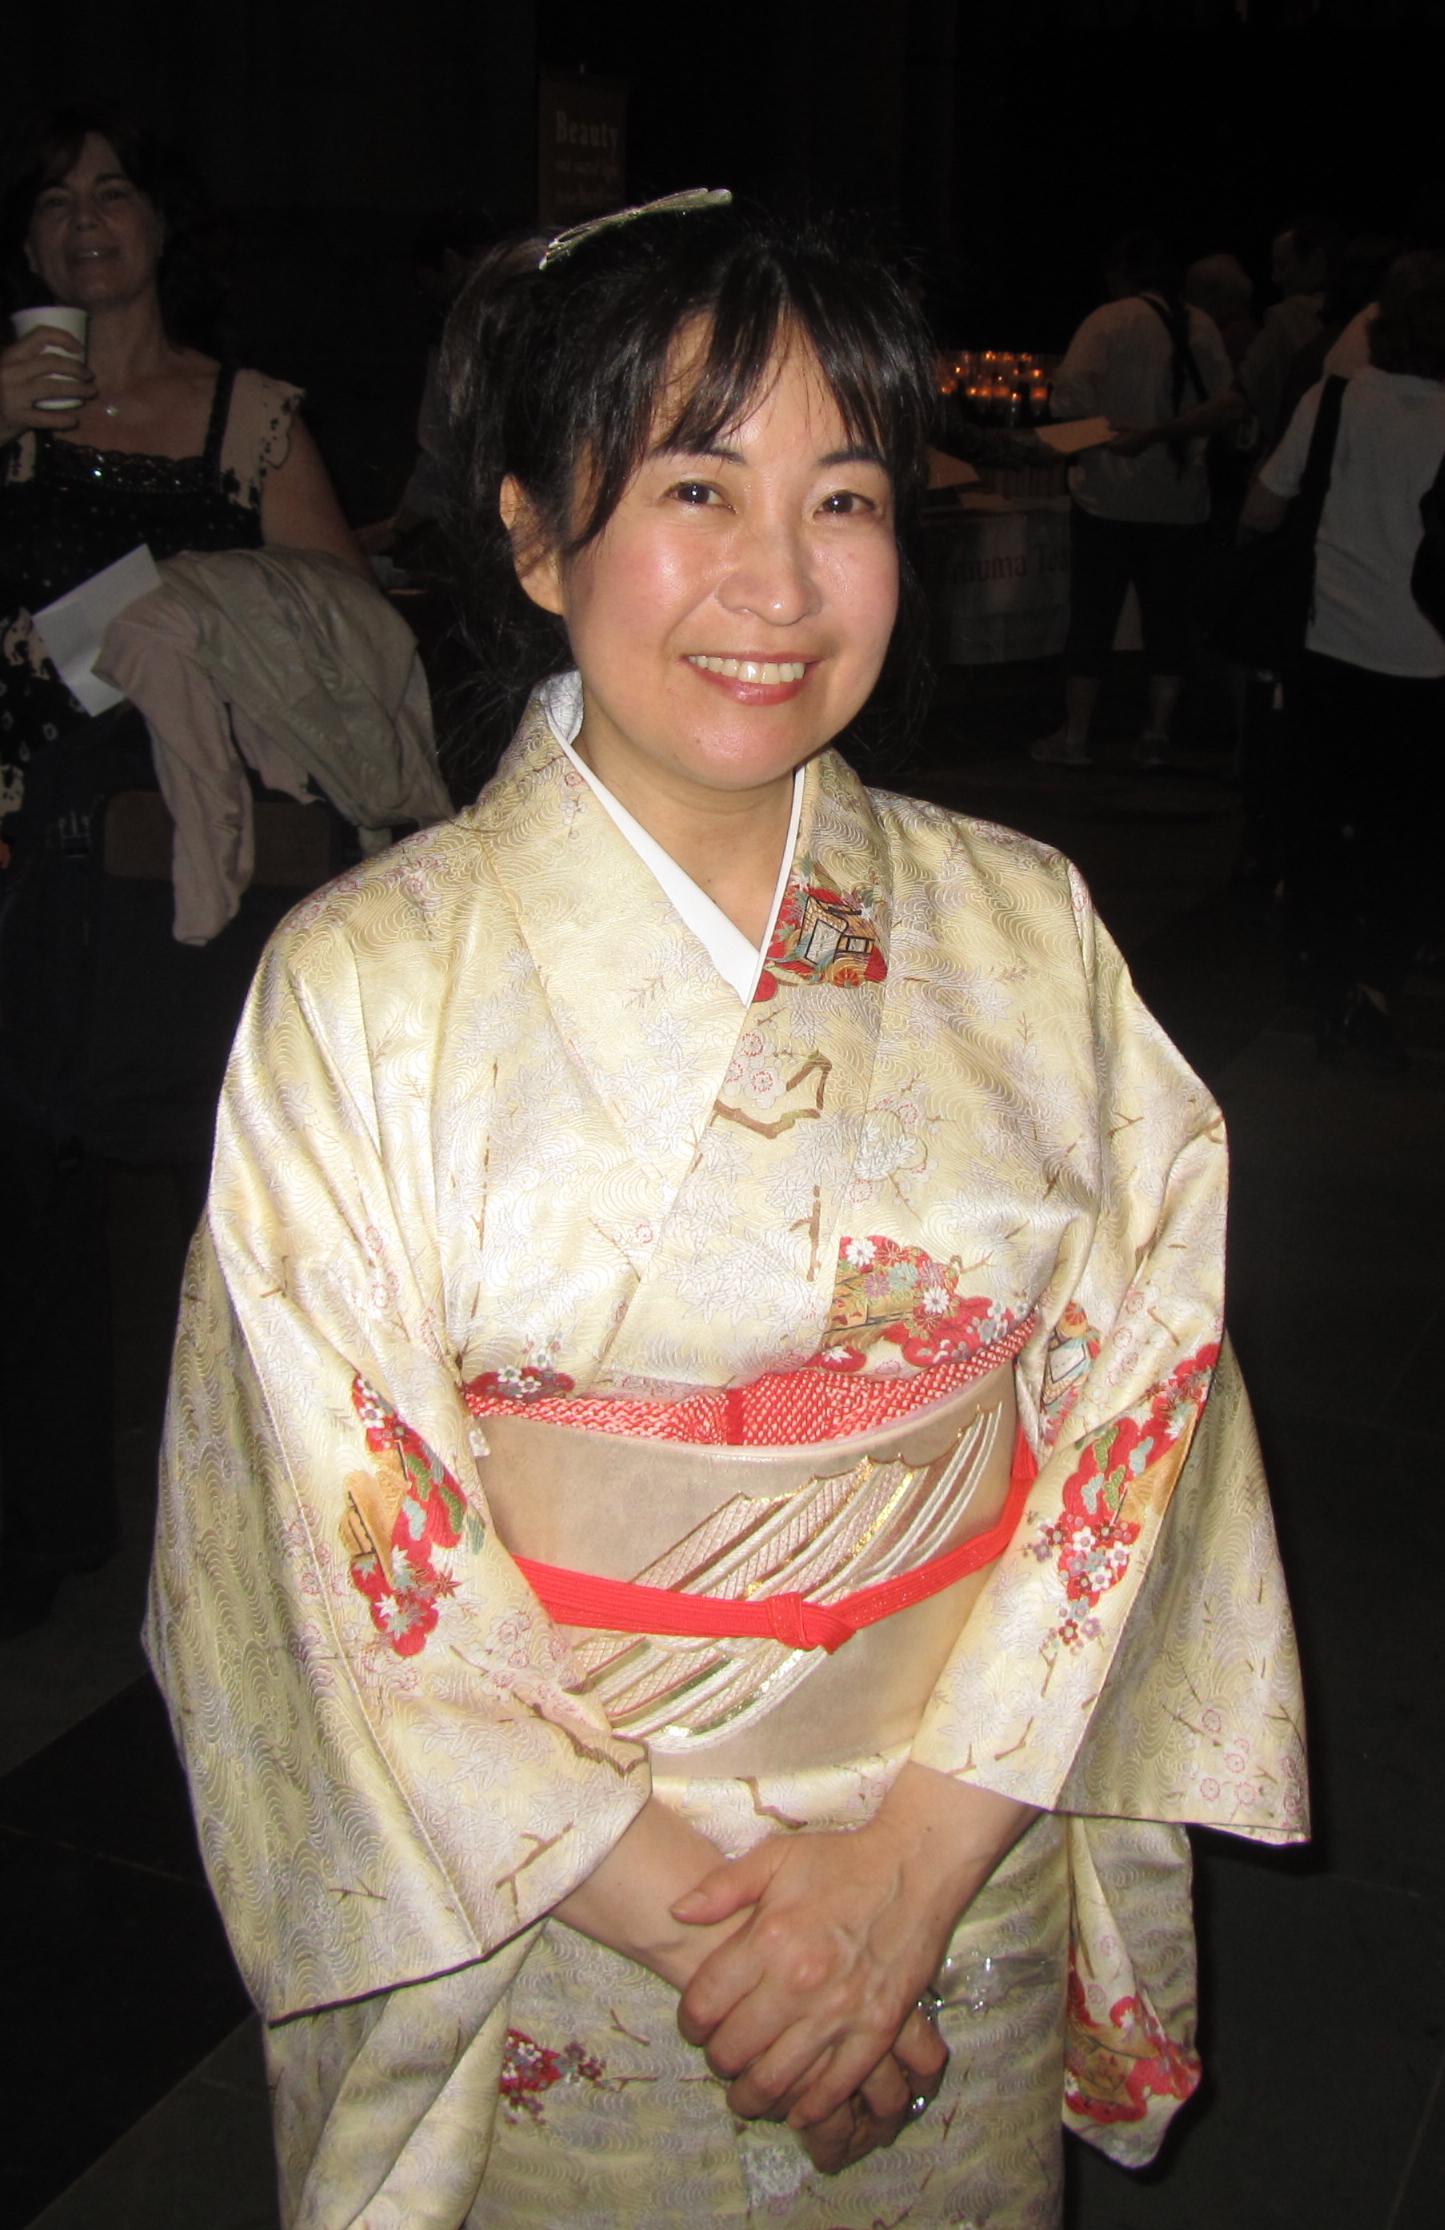 yukiko-matsuyama-at-summer-solstice-2011